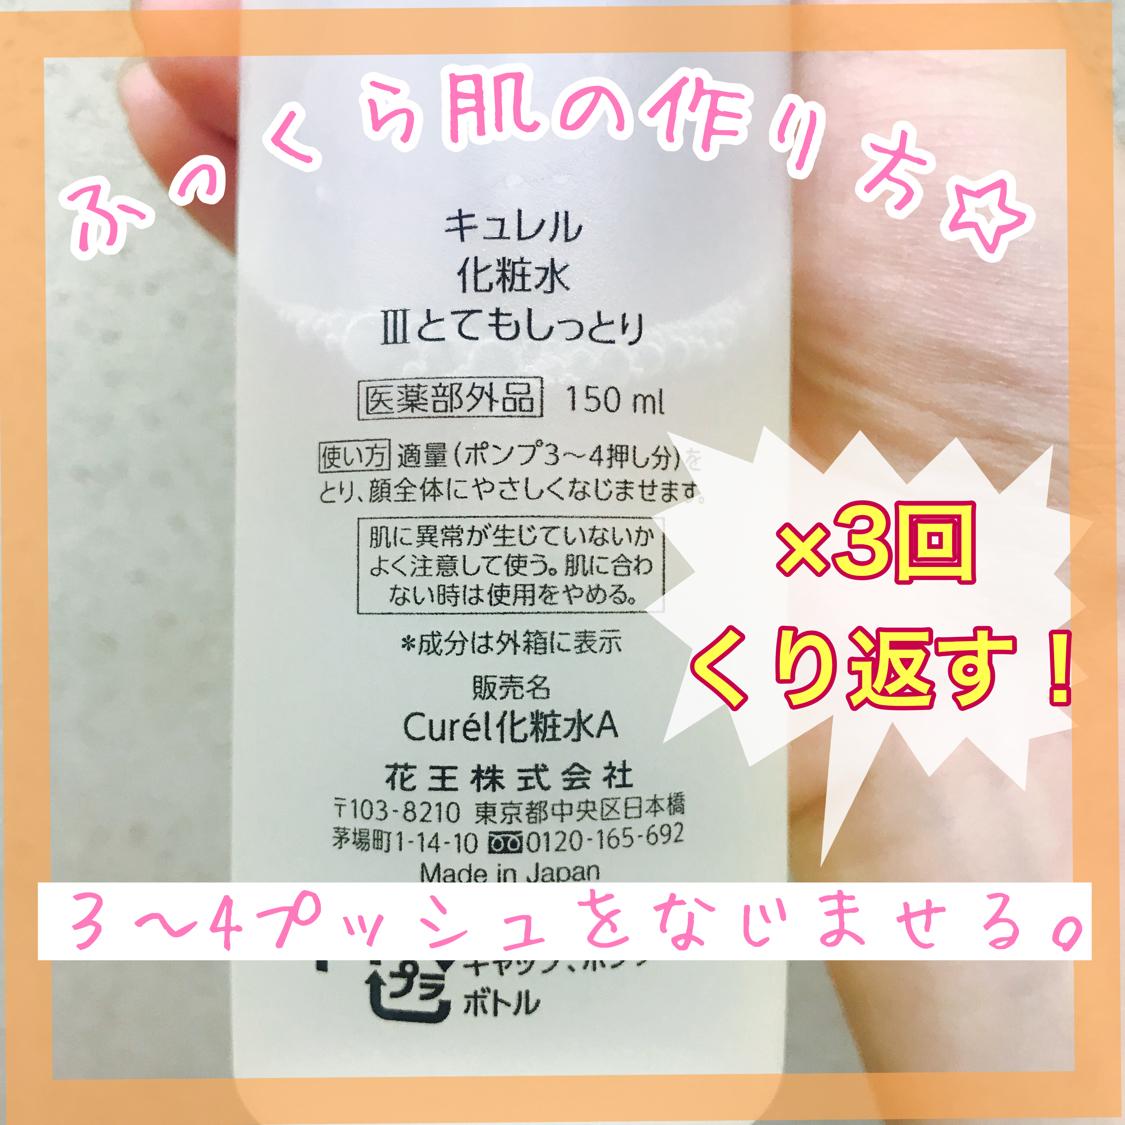 キュレル キュレル 化粧水 III とてもしっとり 【医薬部外品】(化粧水)を使ったクチコミ(2枚目)